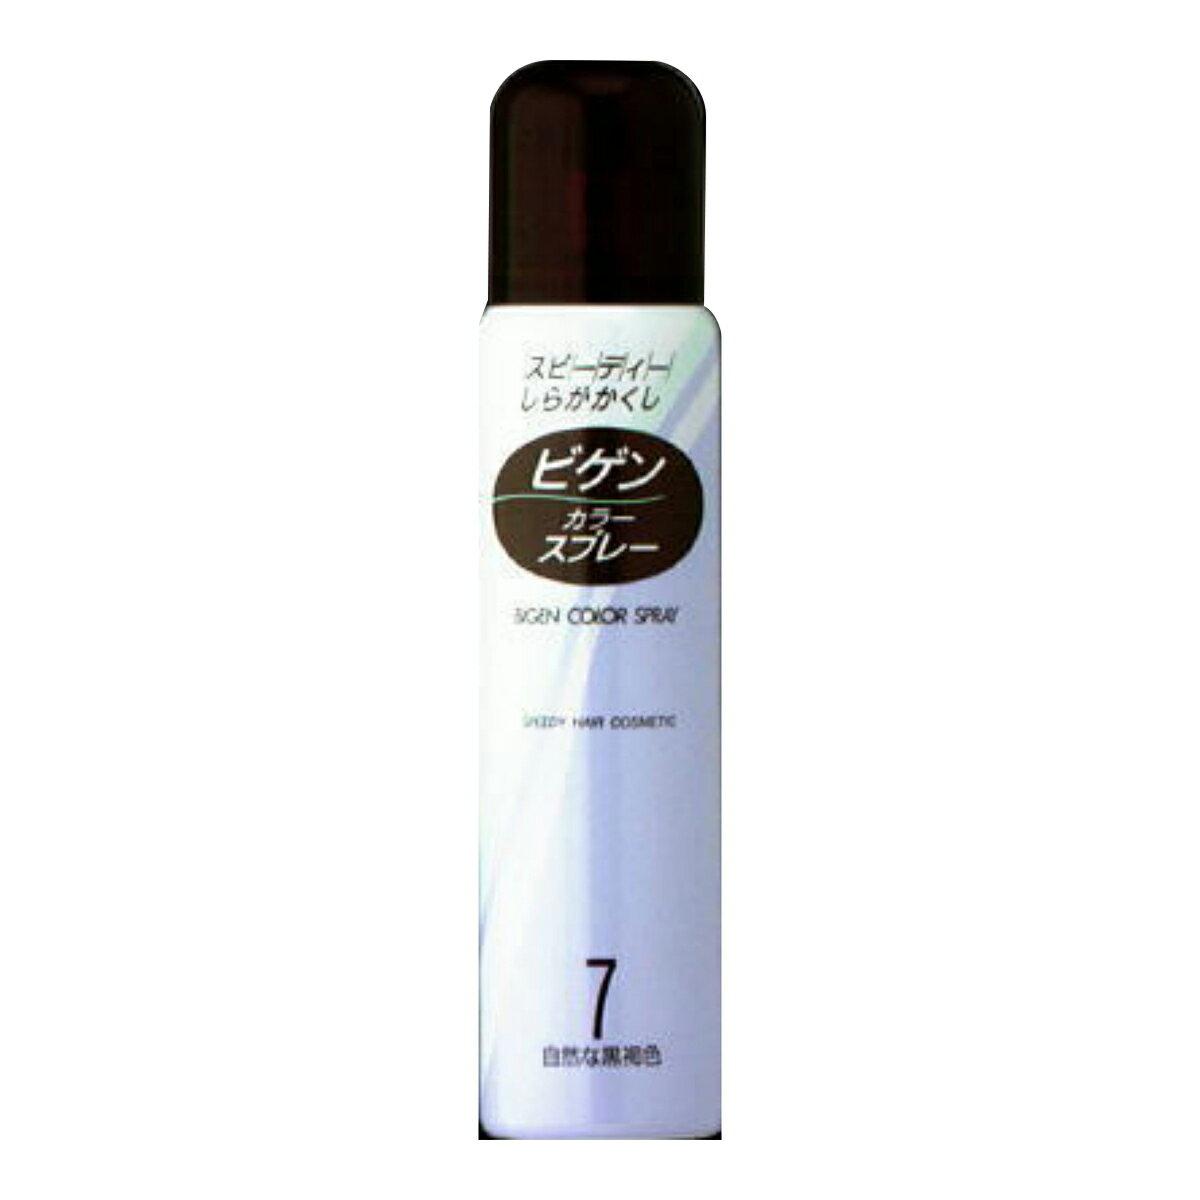 【送料無料】ホーユー ビゲン カラースプレー 7 自然な黒褐色 82g ( プレータイプの白髪かくし ) ×27点セット まとめ買い特価!ケース販売 ( 4987205302077 ) スピーディにお使いいただけるスプレータイプの白髪かくしです。細かい霧状のスプレーなので、ムラなく染めることができます